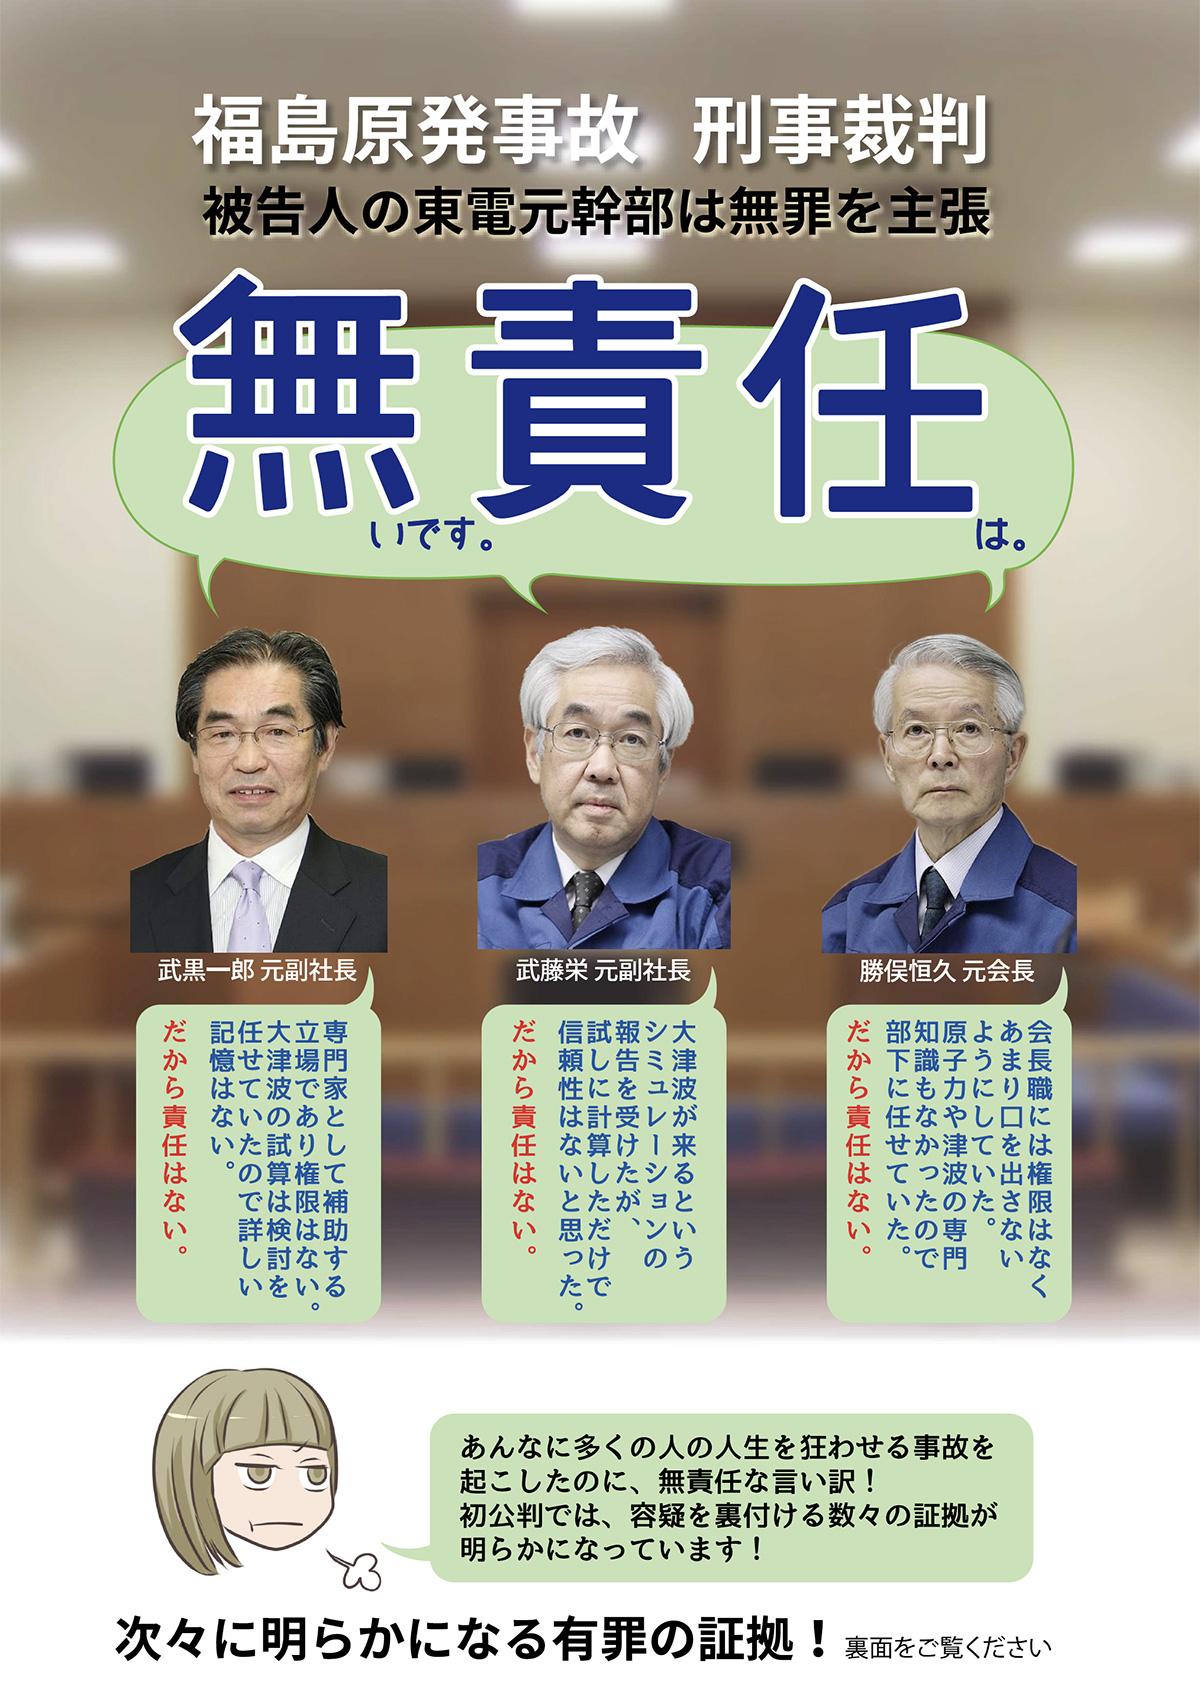 被告人の東電元幹部は無罪を主張『無責任』リーフレット